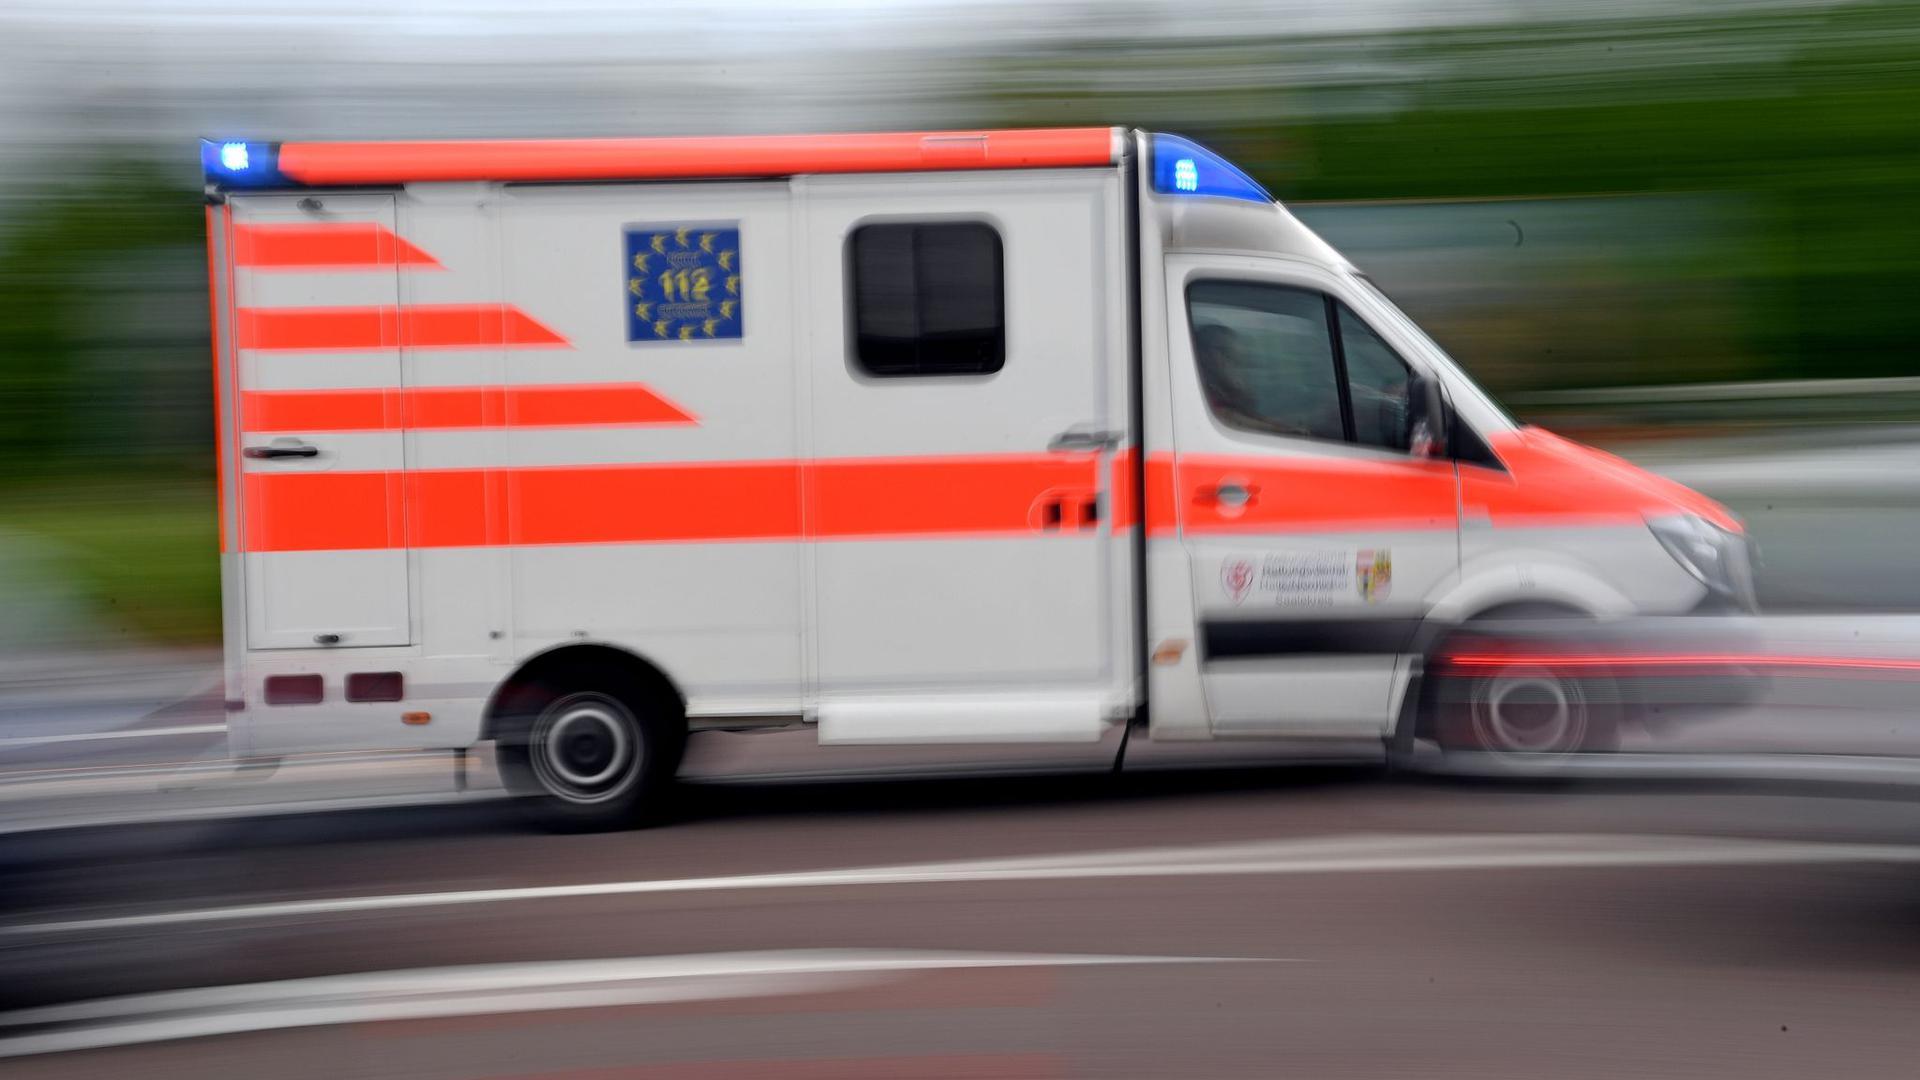 Ein Krankenwagen fährt mit Blaulicht auf einer Straße.